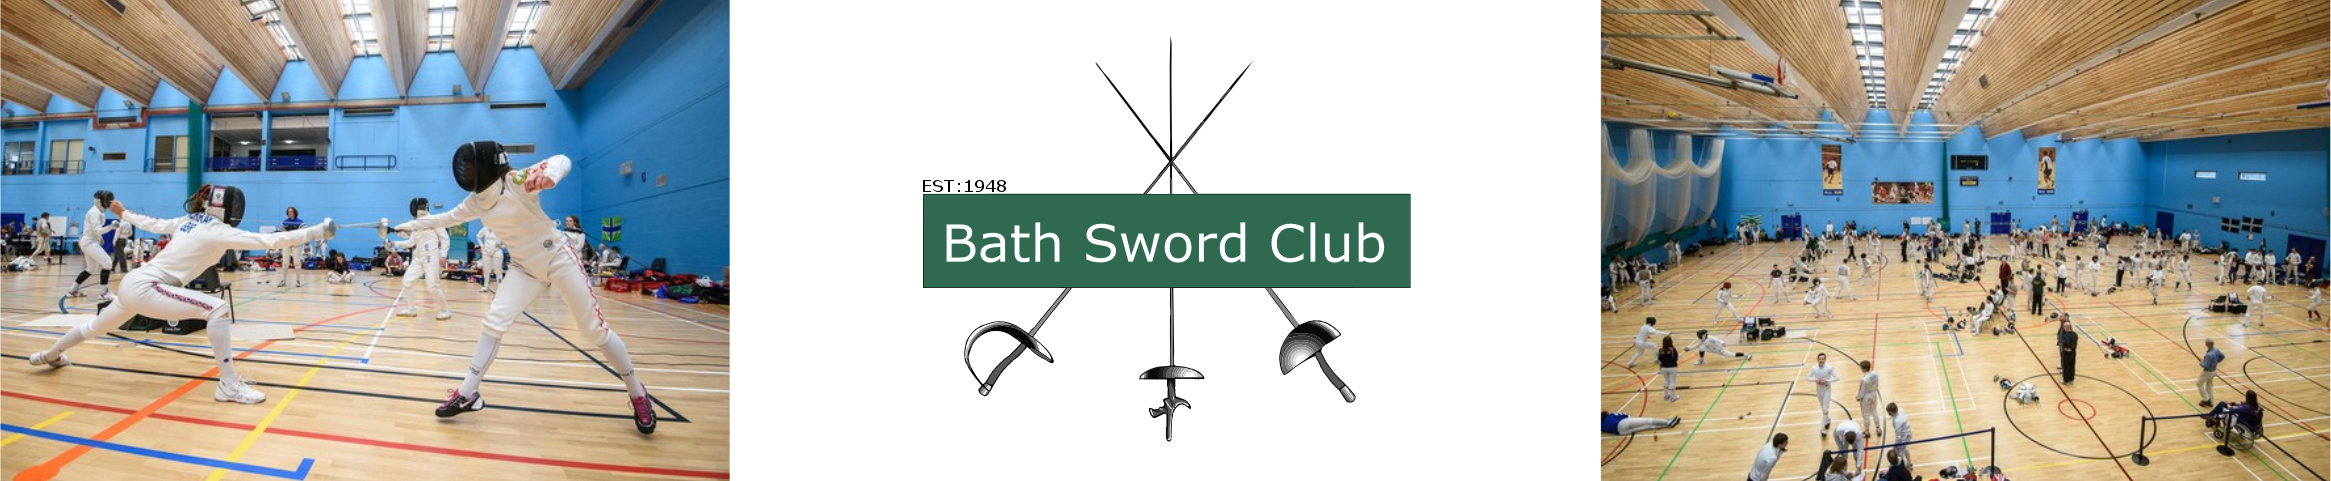 Bath Sword Club Banner